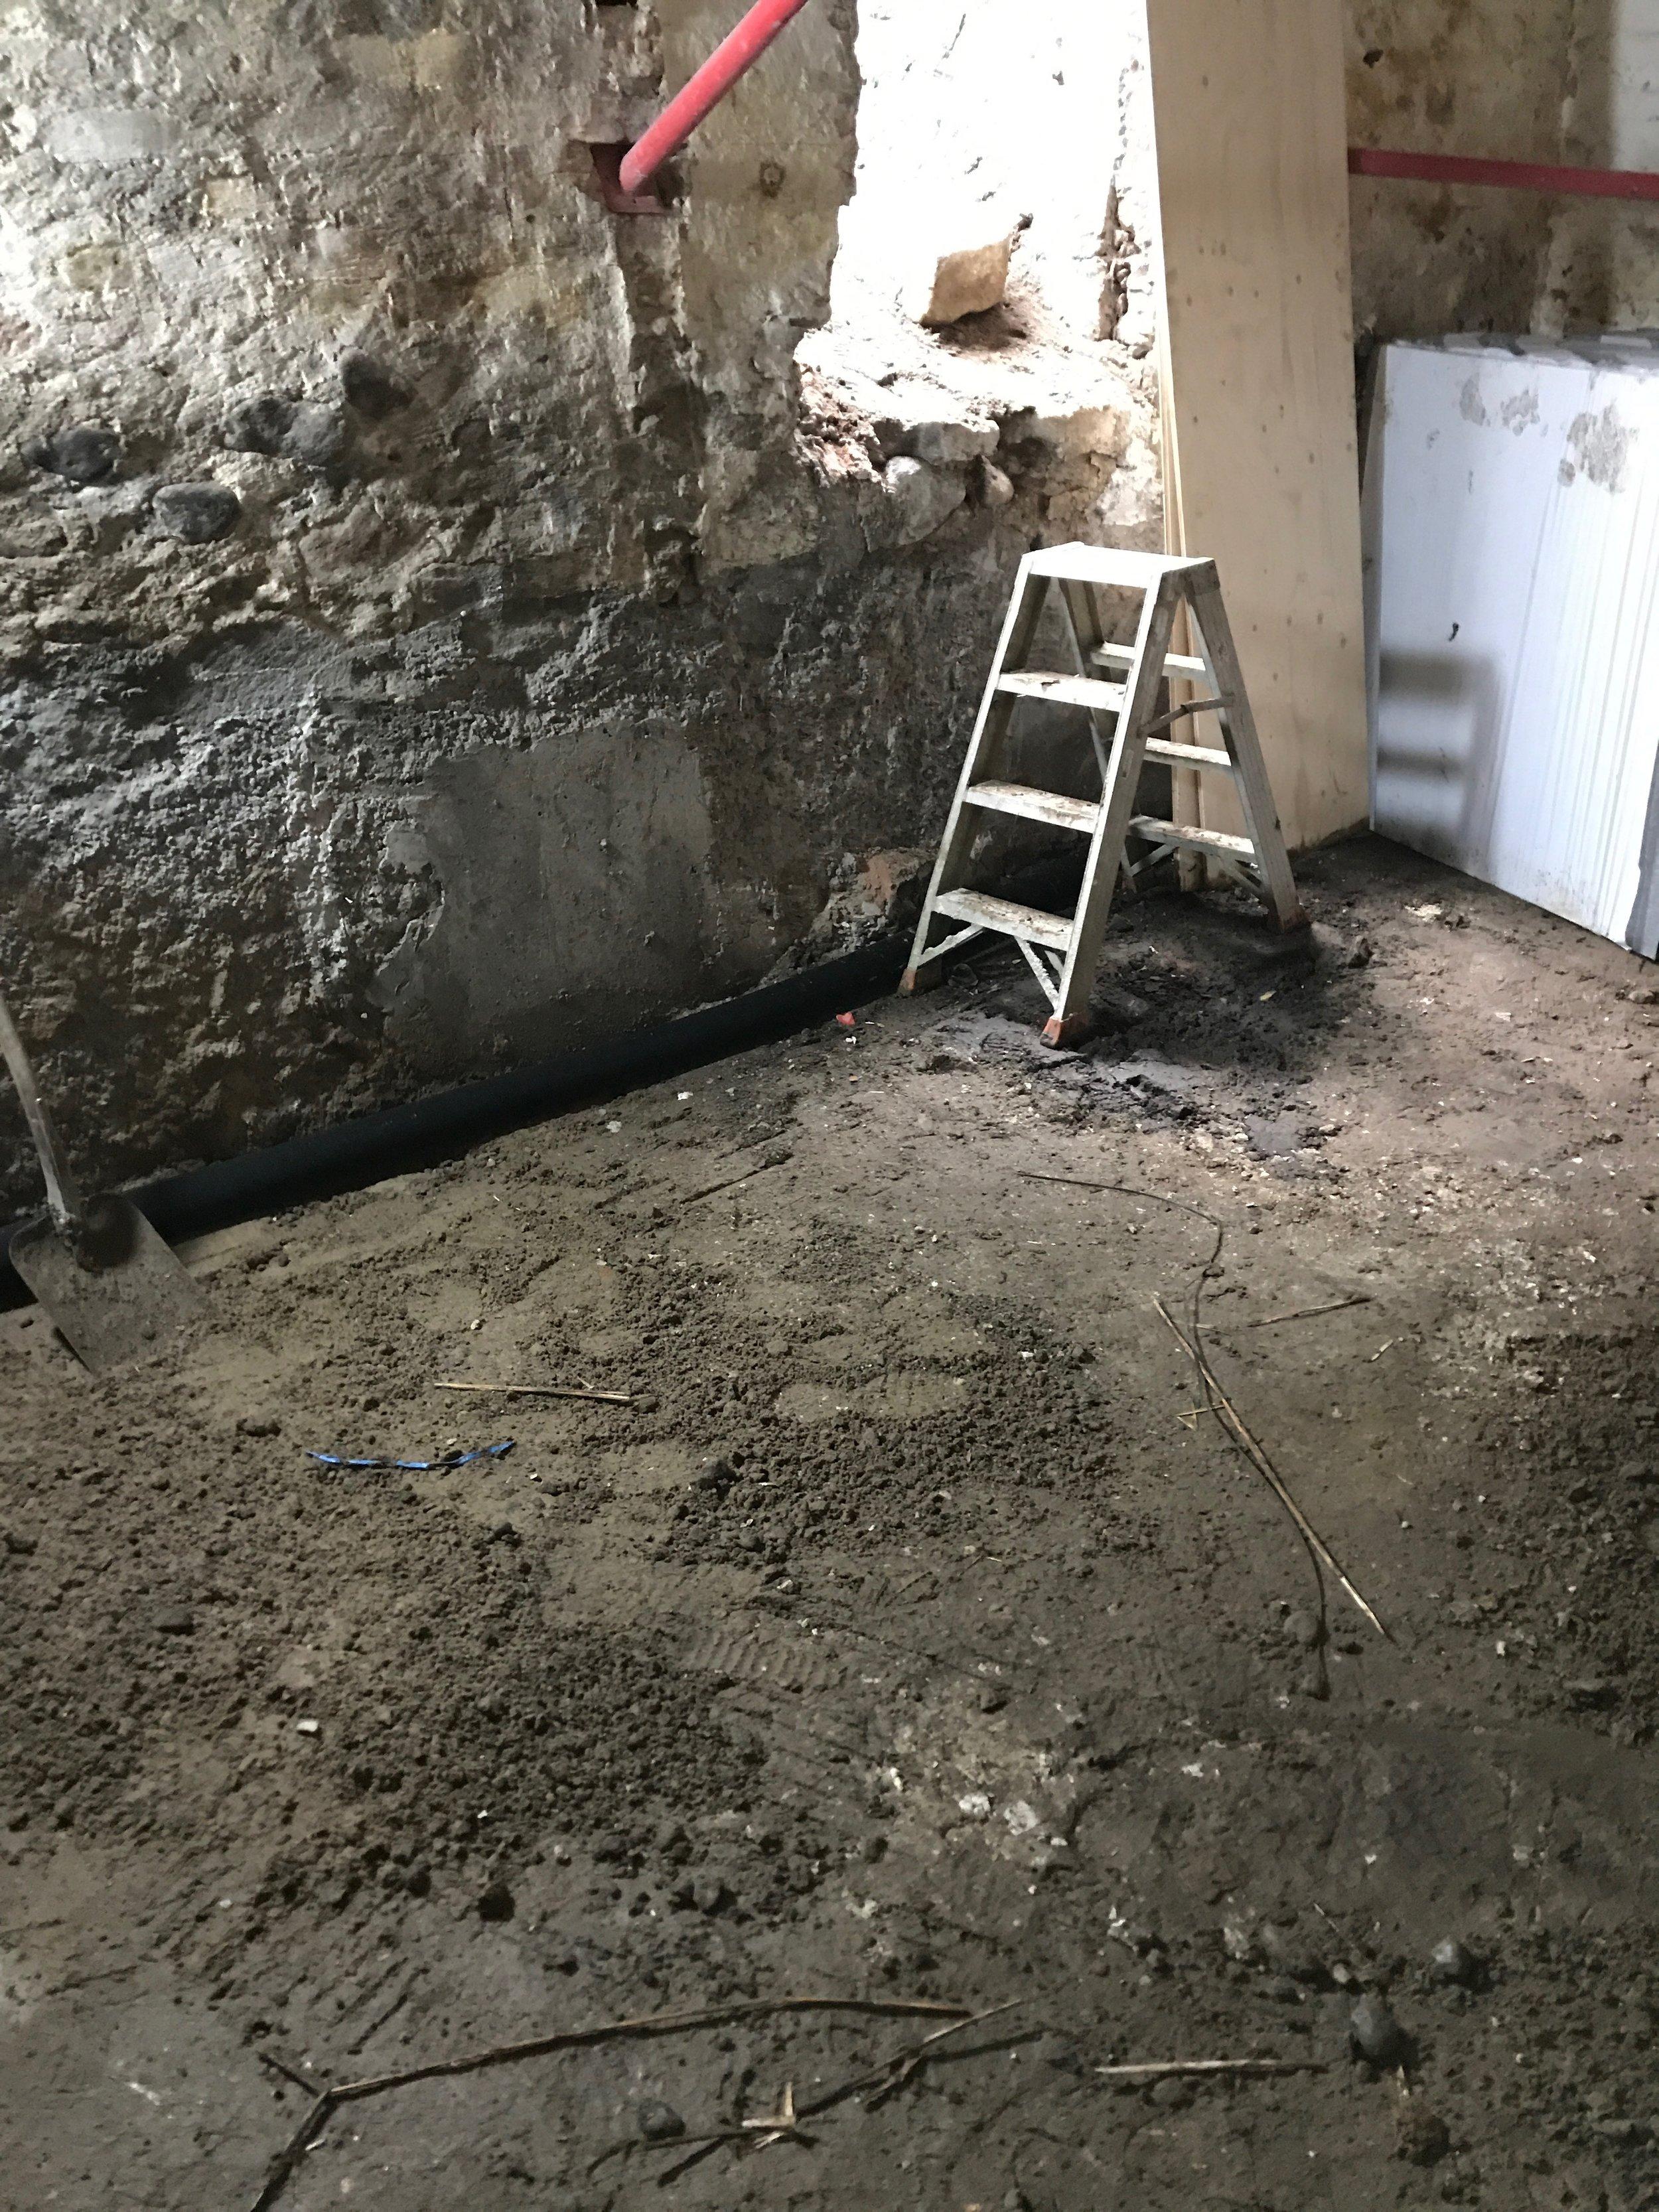 udgravning kælder.jpg